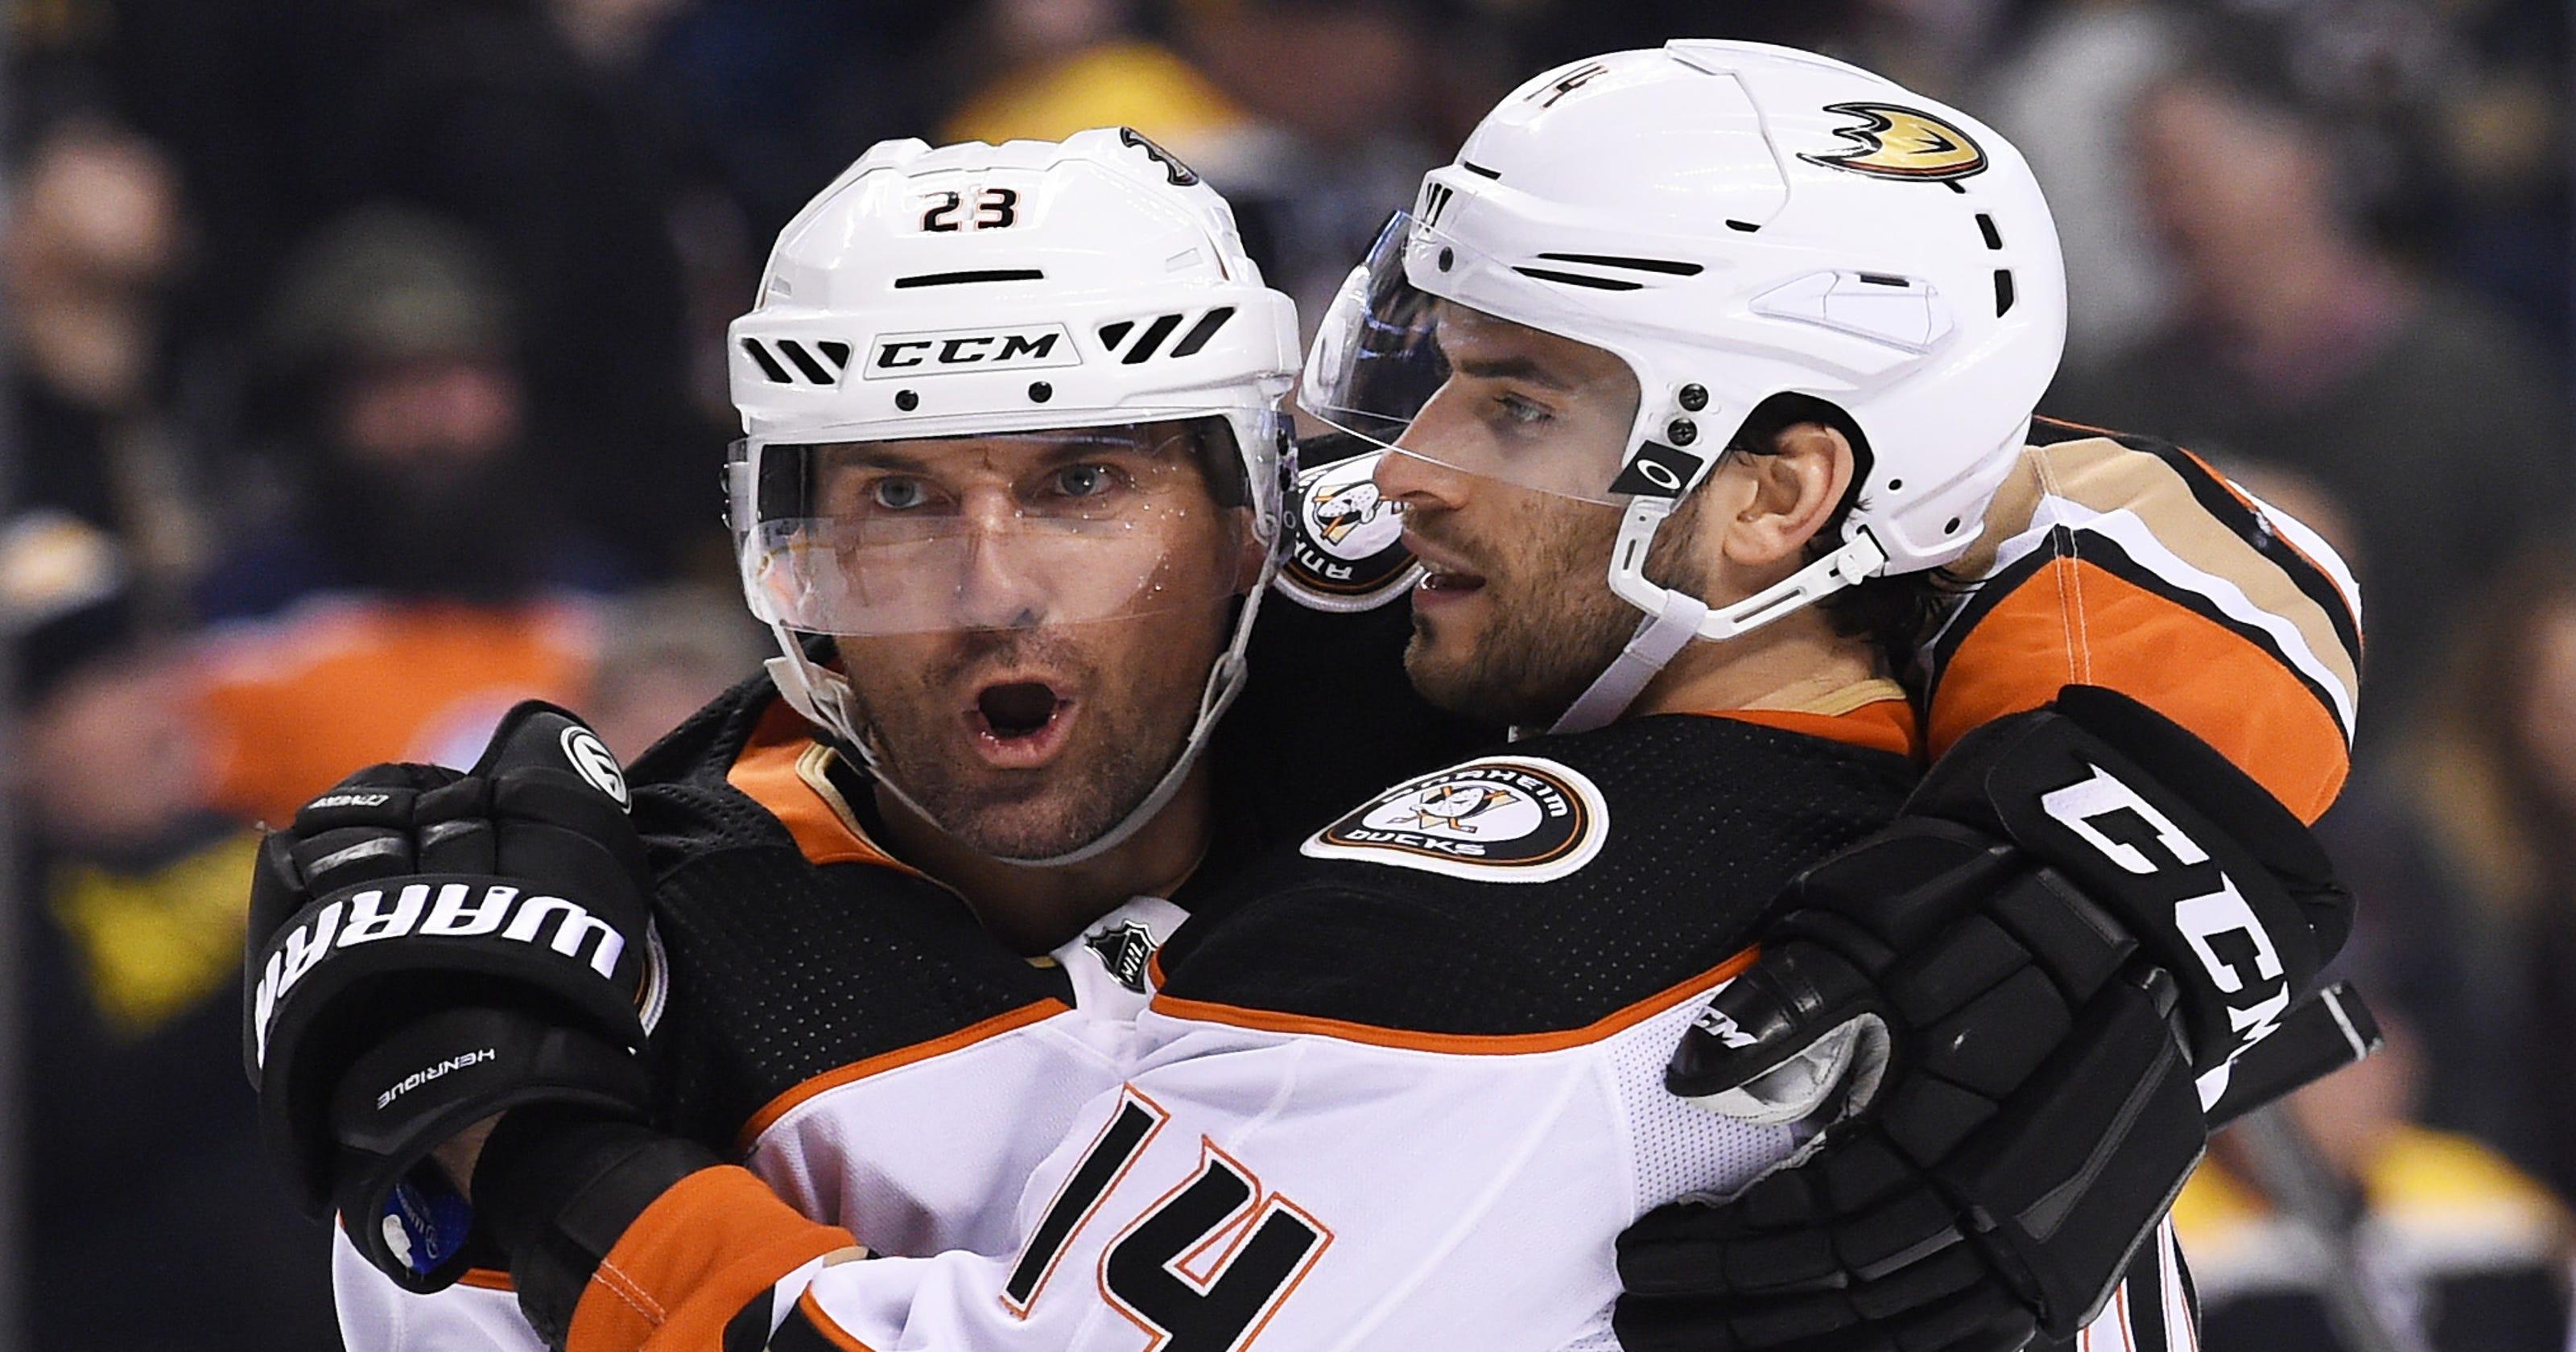 acb6fcf184 Ducks end Bruins  18-game point streak